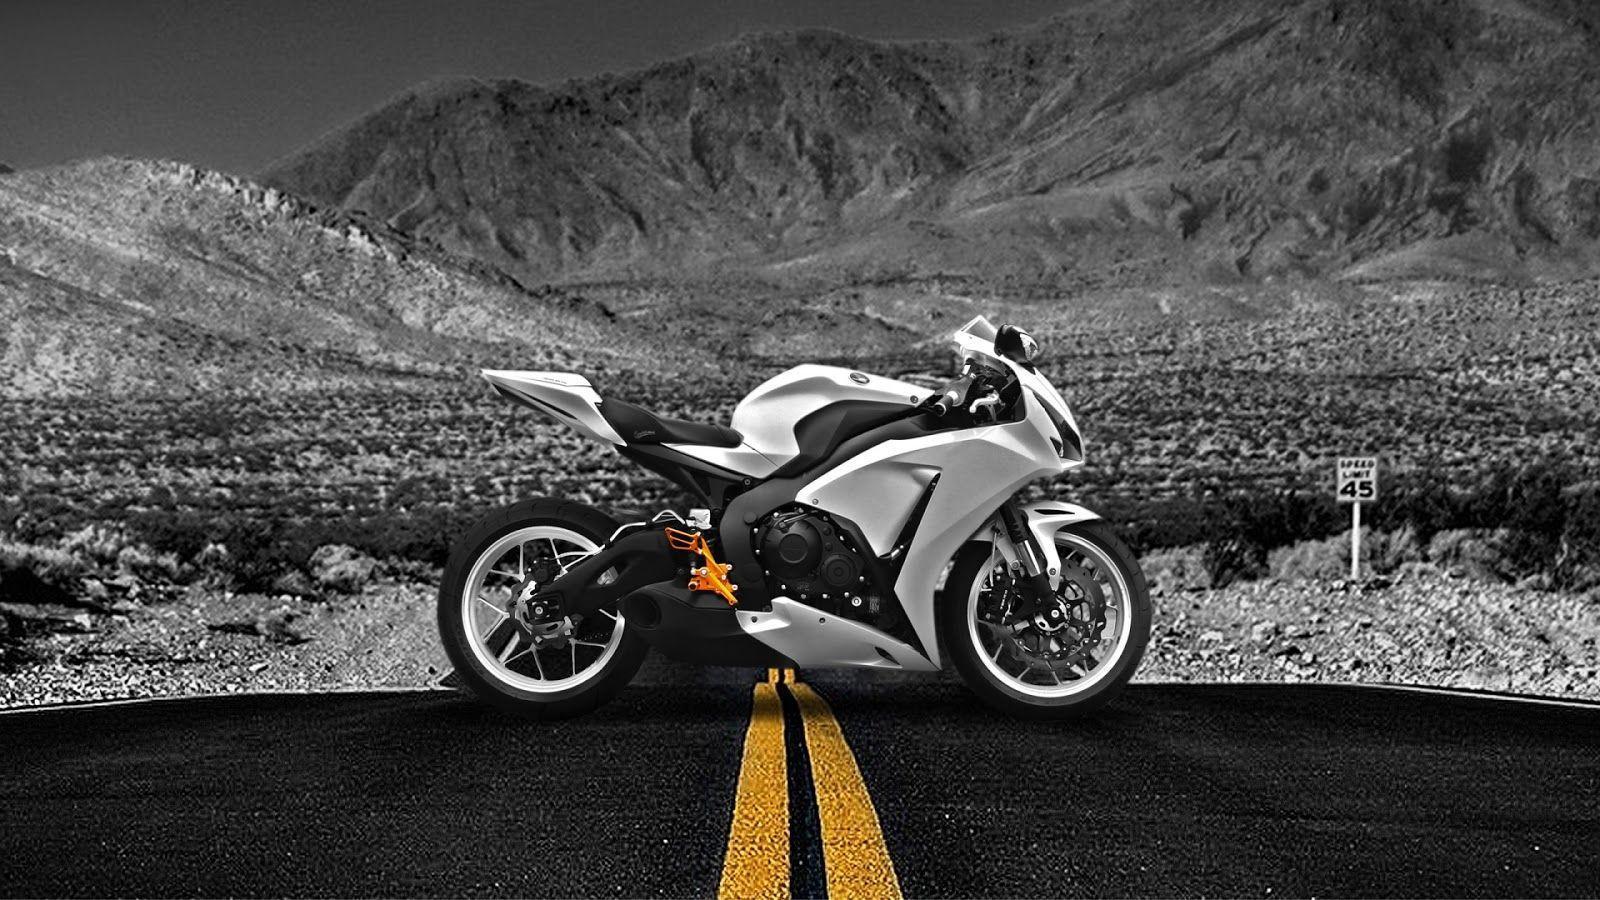 Suzuki gsxr 1000 2016 wallpapers wallpaper cave - Superbike wallpaper ...